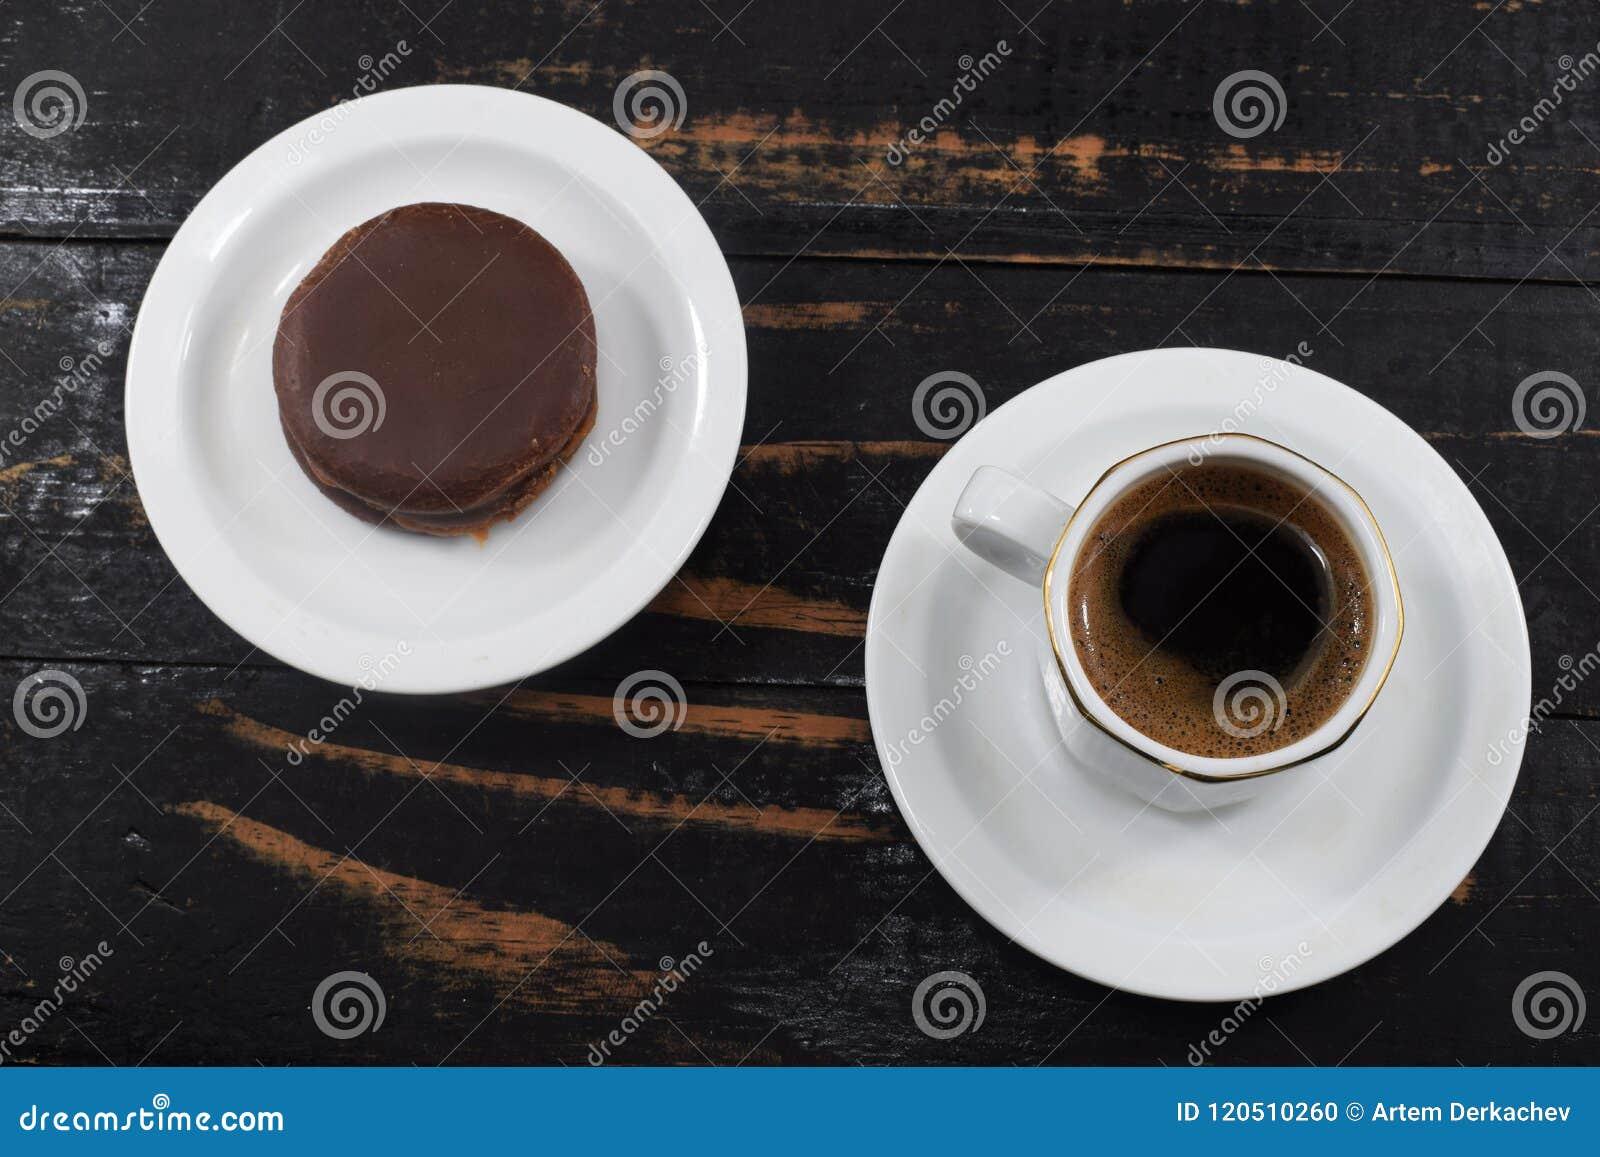 Desayuno de la mañana, café y galletas de microprocesador de chocolate